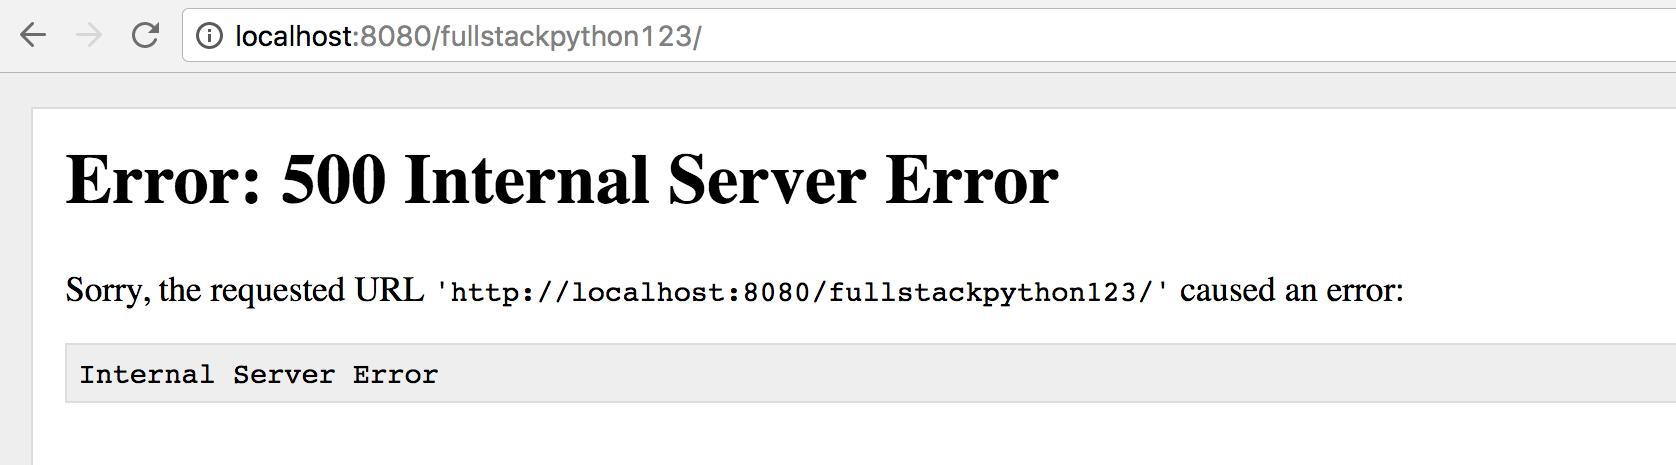 Мы получаем ошибку 500 при добавлении чисел в URL.